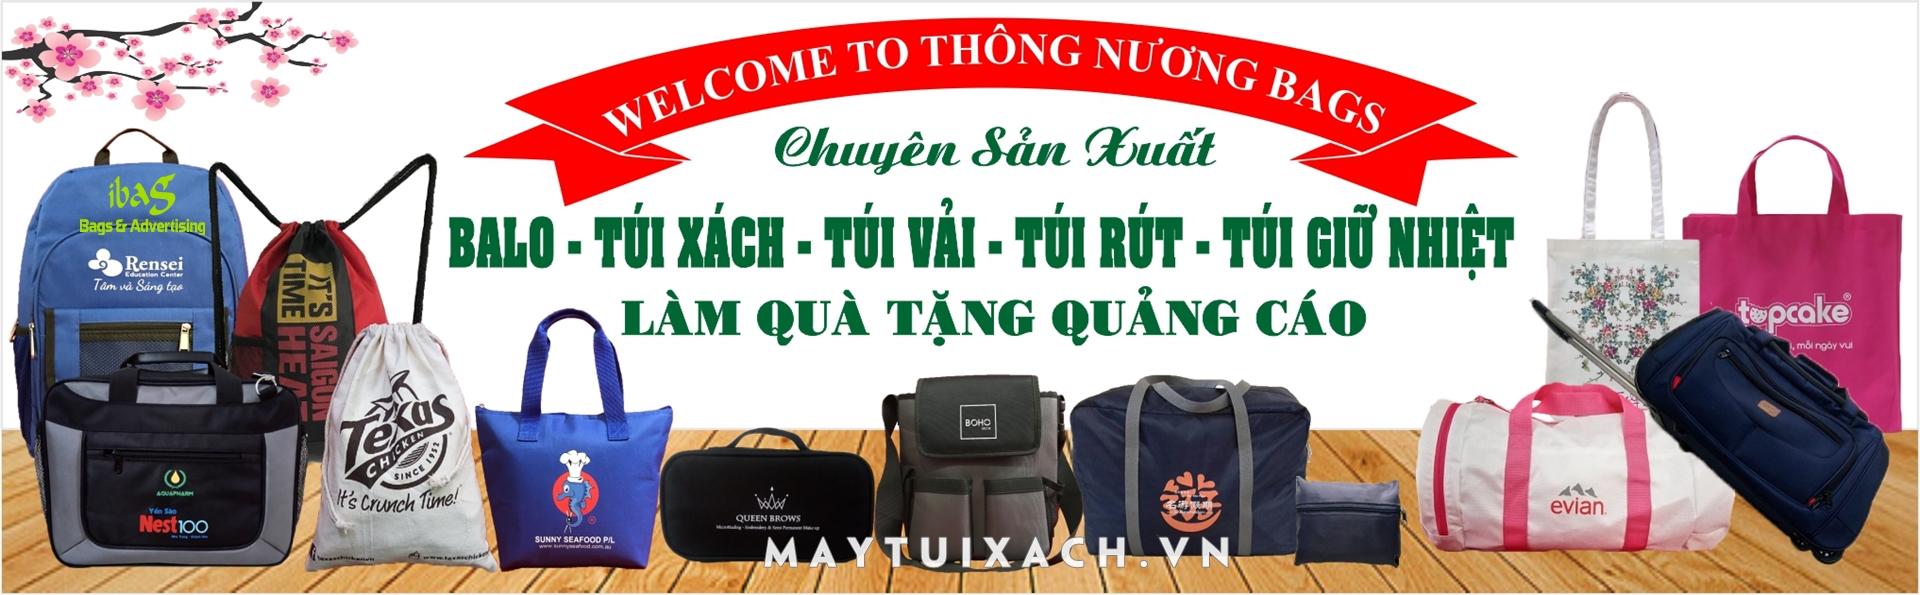 xuong-may-tui-xach-2061